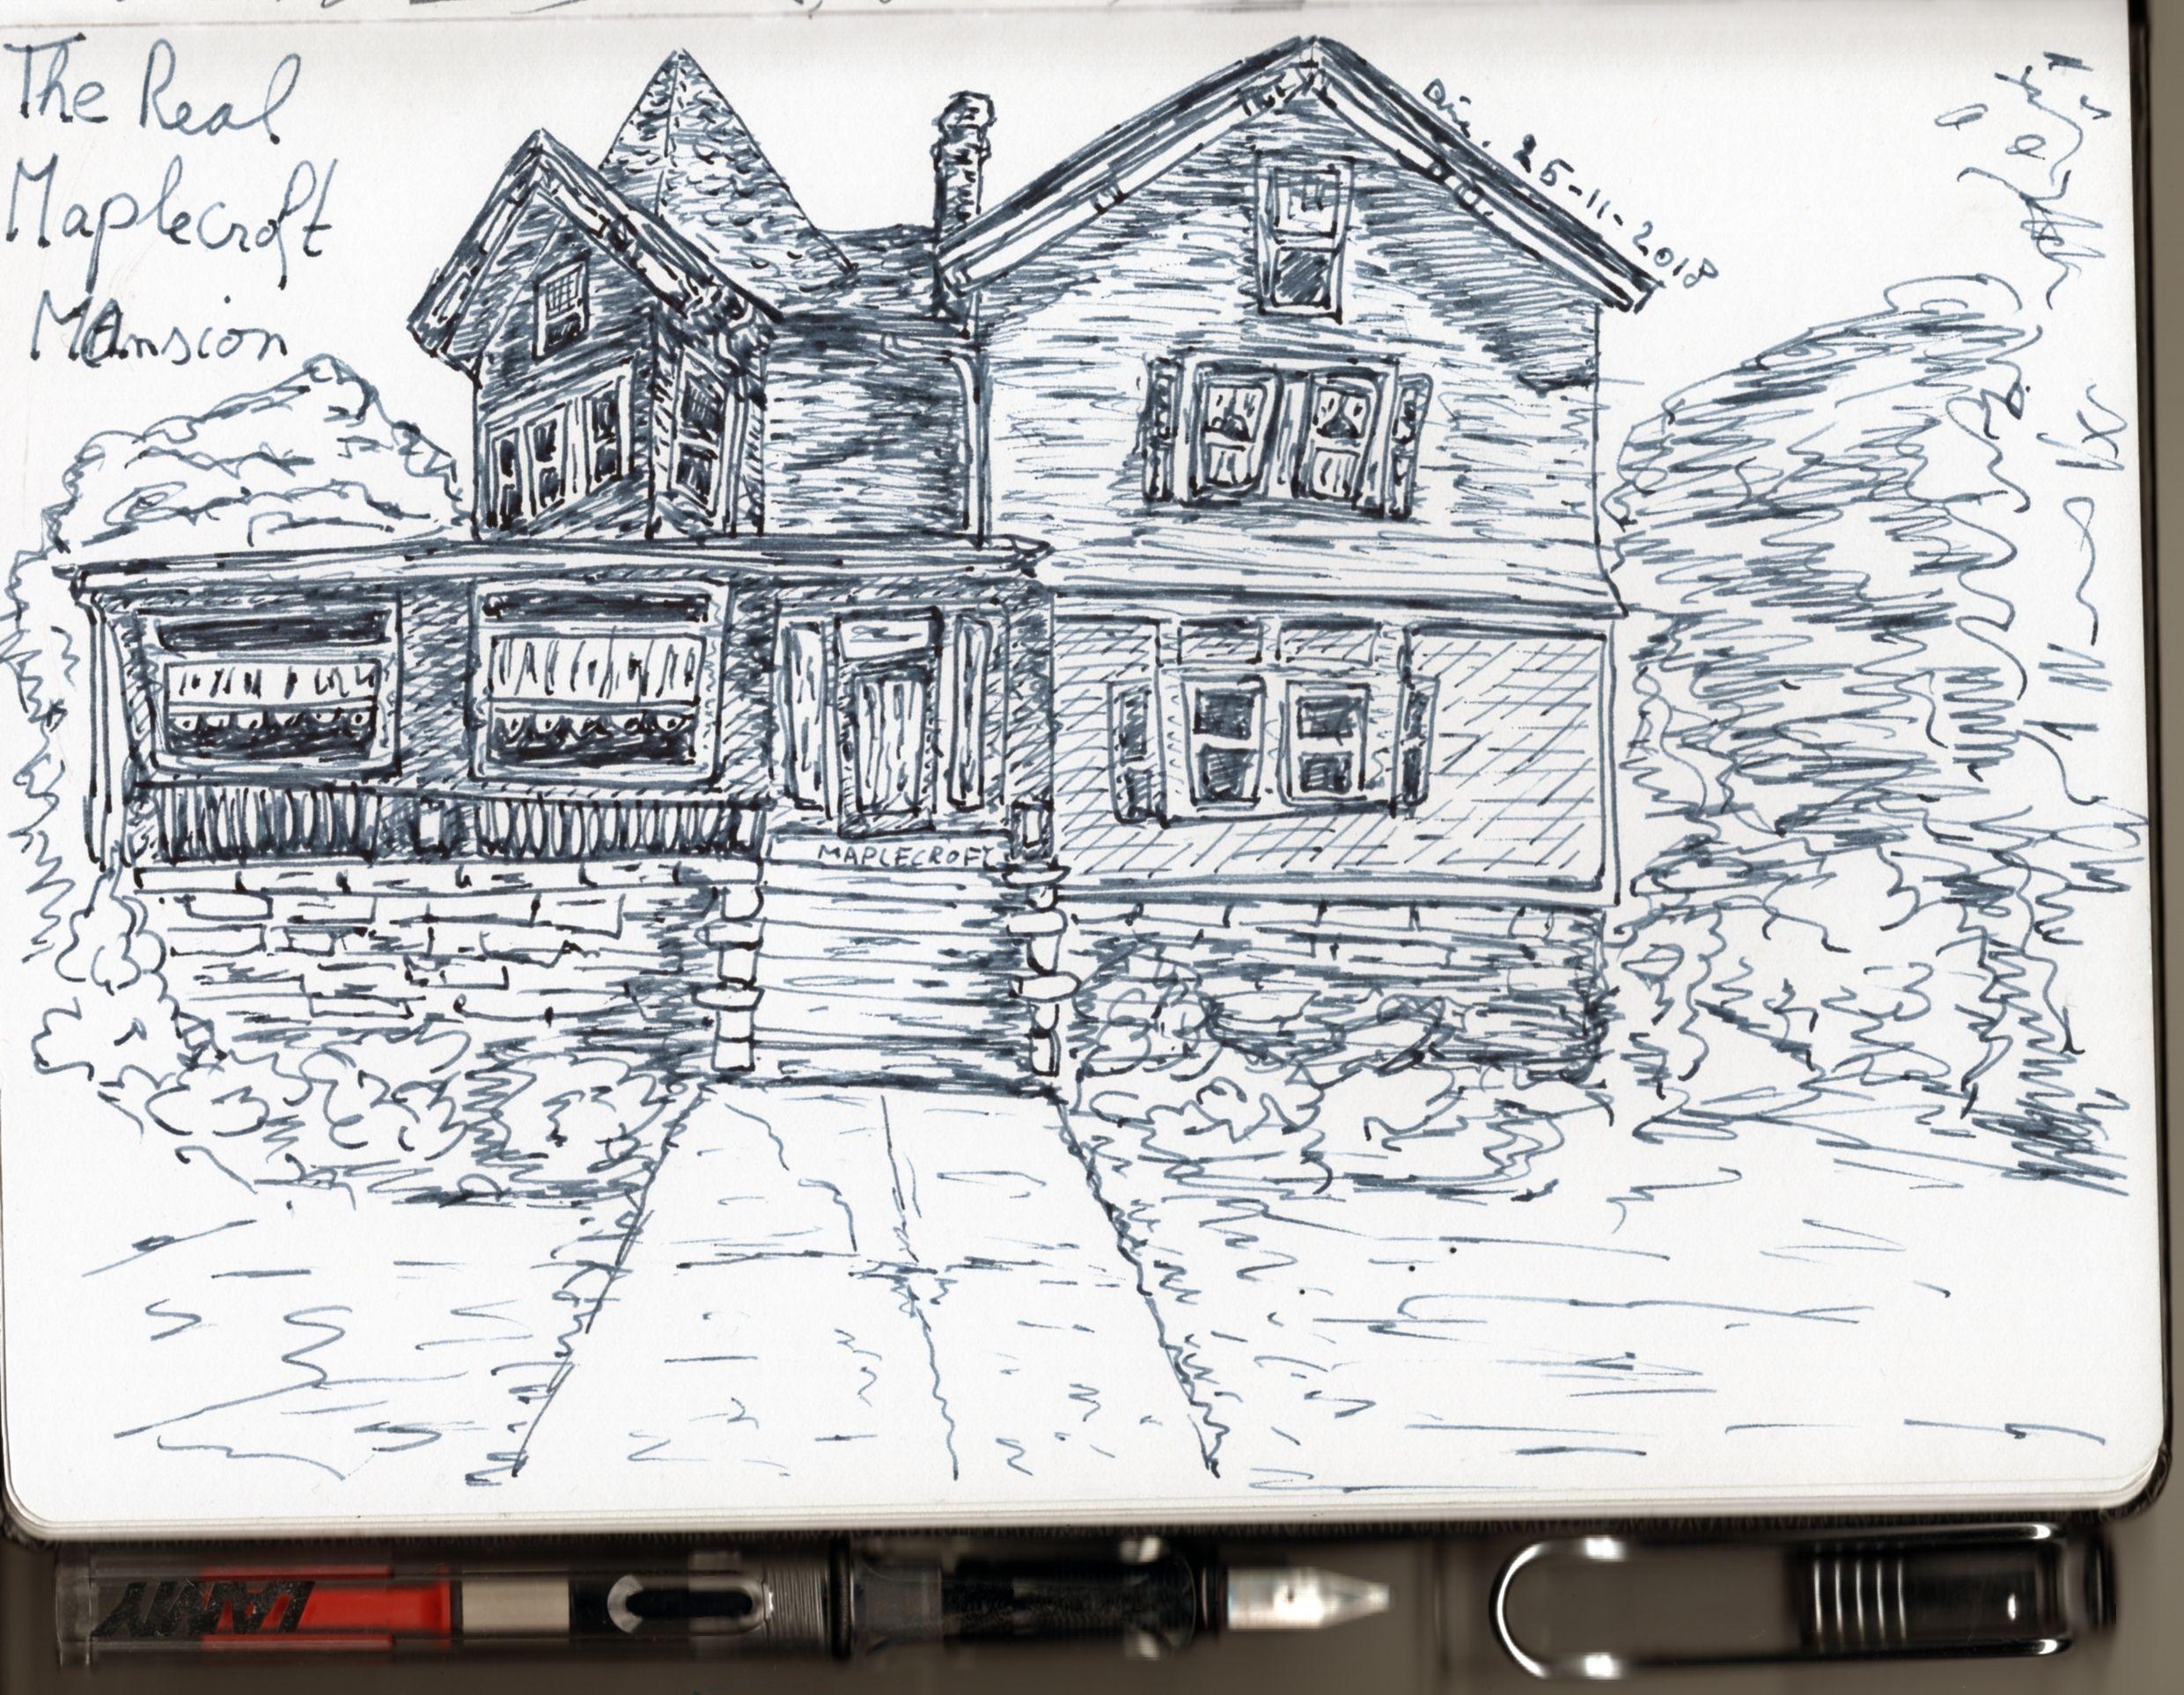 The Real Maplecroft Mansion Lizzie Borden darkvine